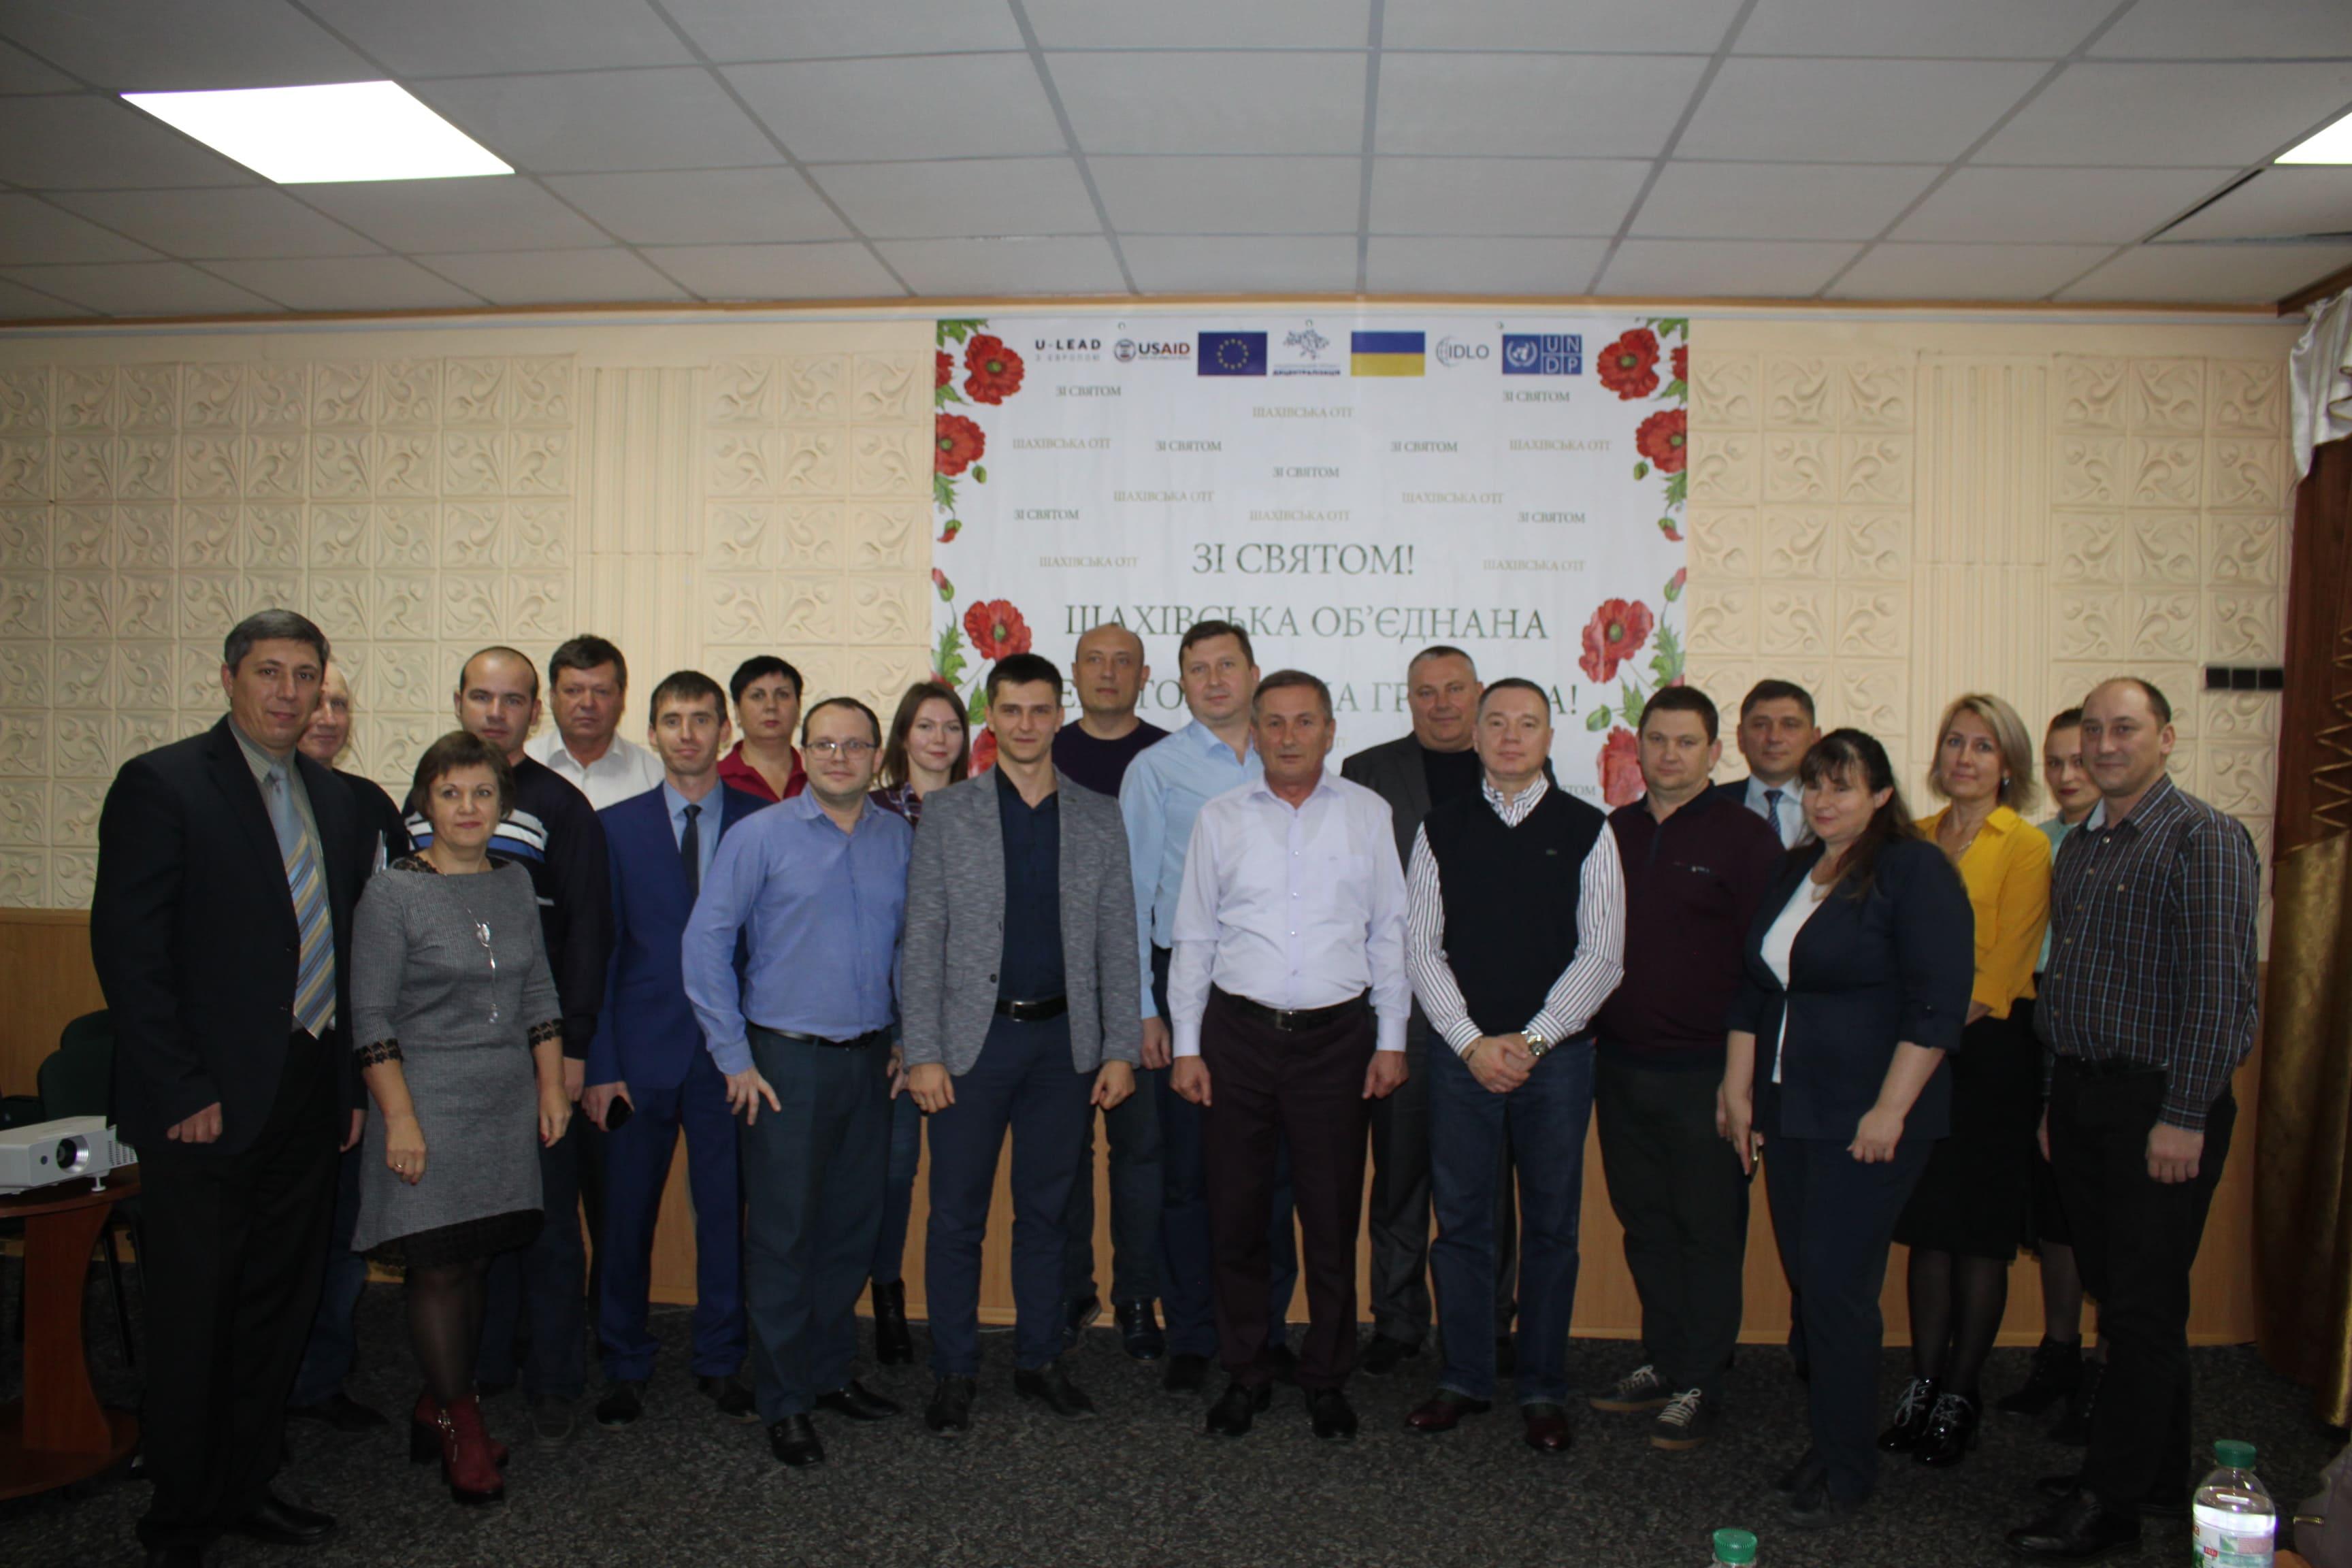 Спеціалісти департаменту взяли участь у заході з підписання Протоколу про наміри, щодо реалізації Проекту міжнародної технічної допомоги «Програма підтримки аграрного і сільського розвитку в Україні»